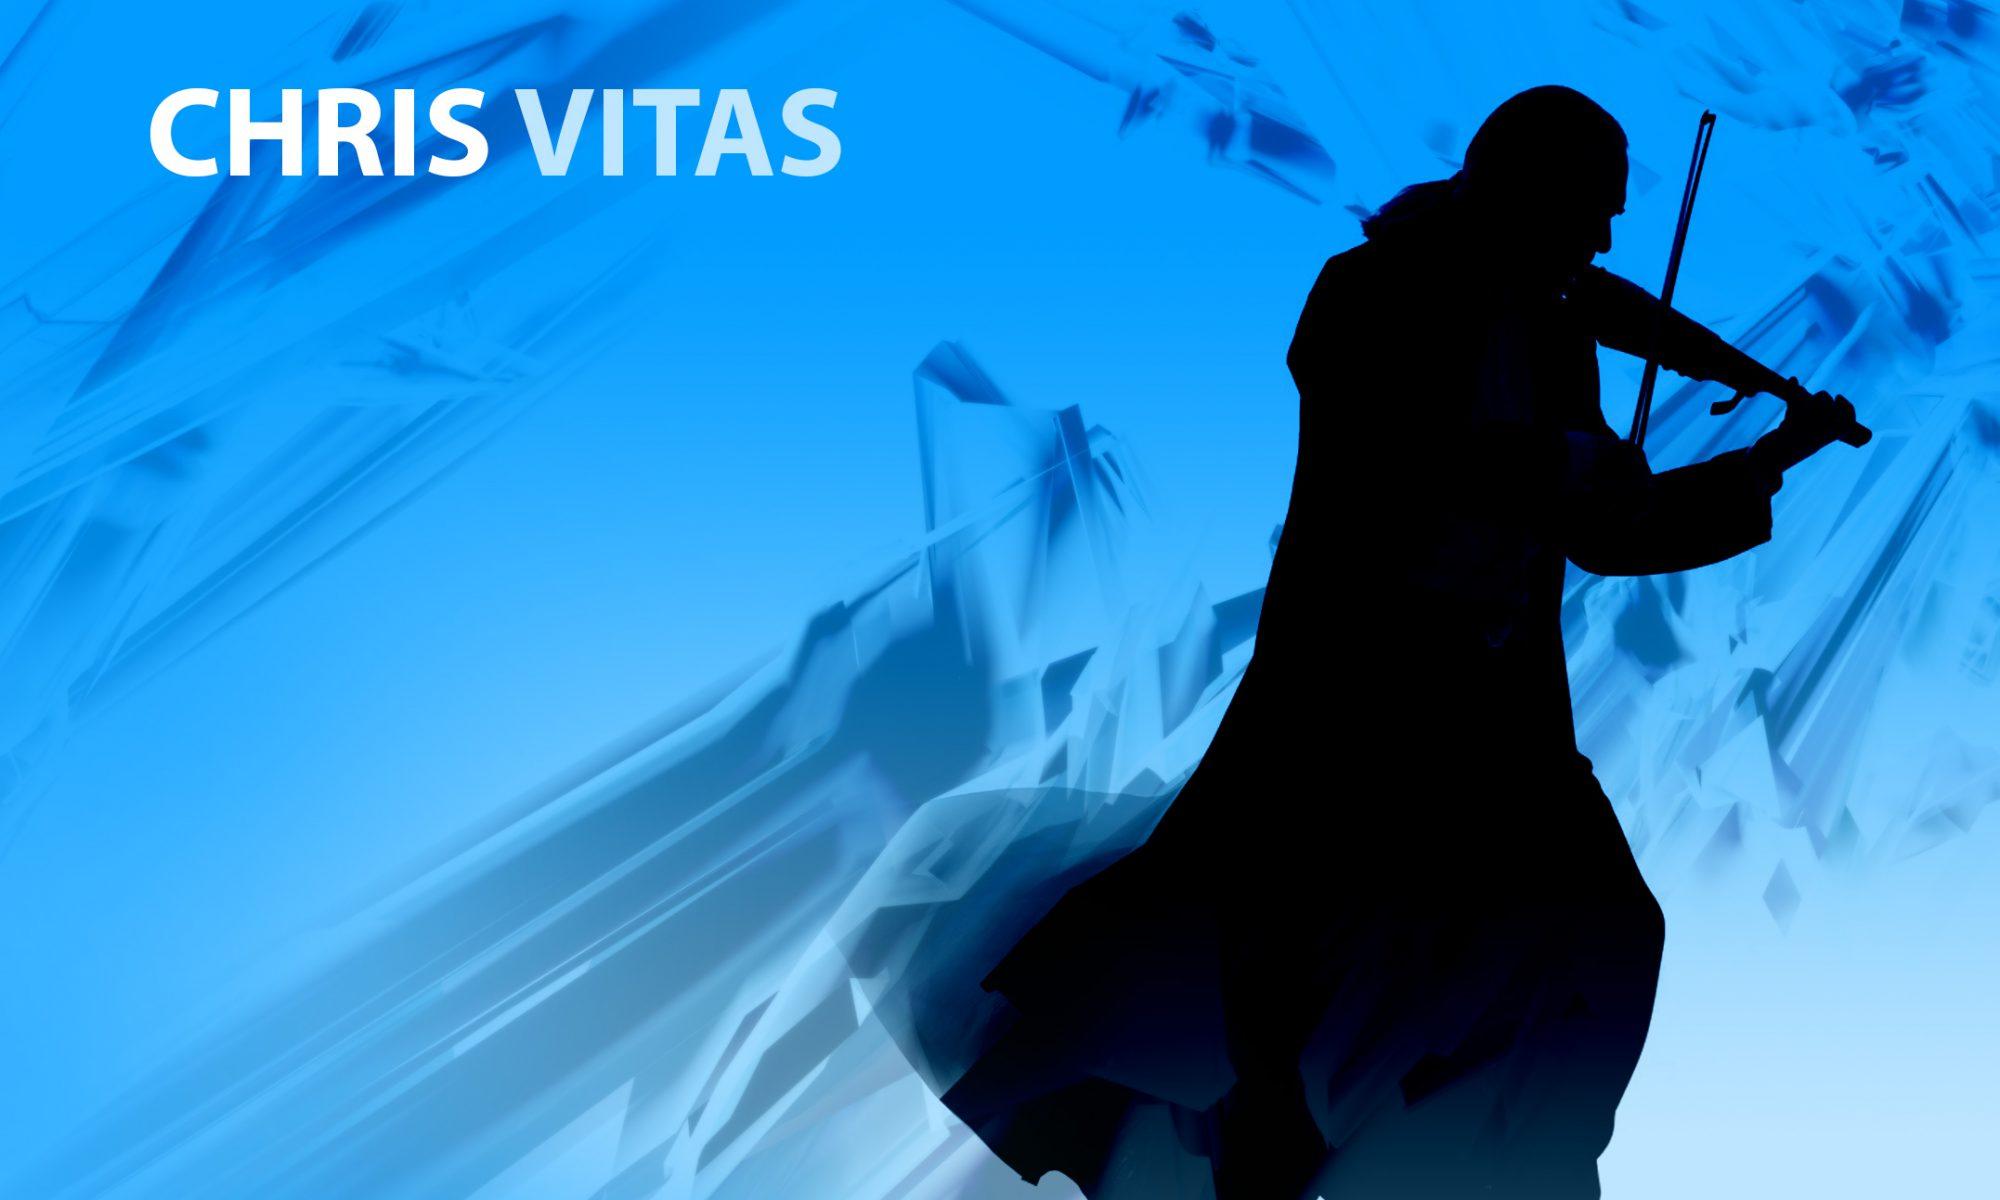 Chris Vitas jazz violin music